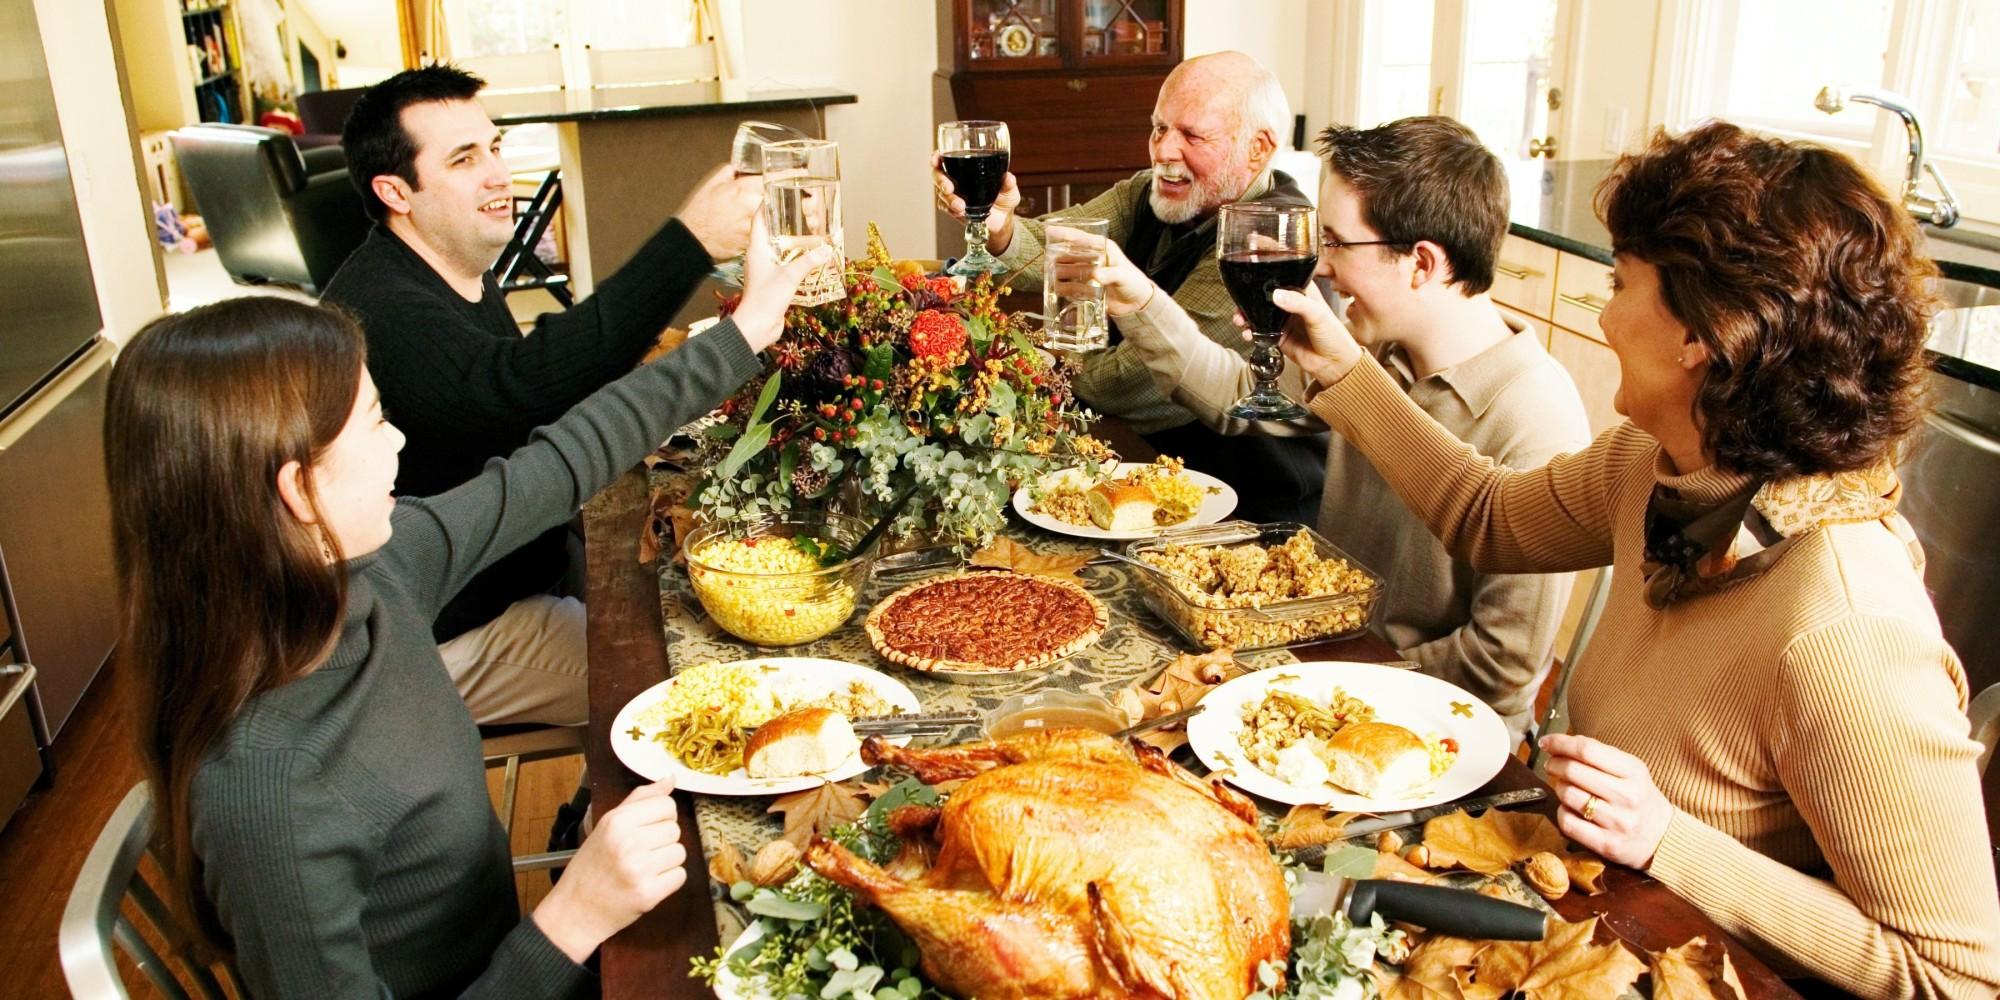 Mỗi bữa ăn trong Lễ Tạ ơn có chi phí trung bình khoảng 50 USD cho một gia đình khoảng 10 người